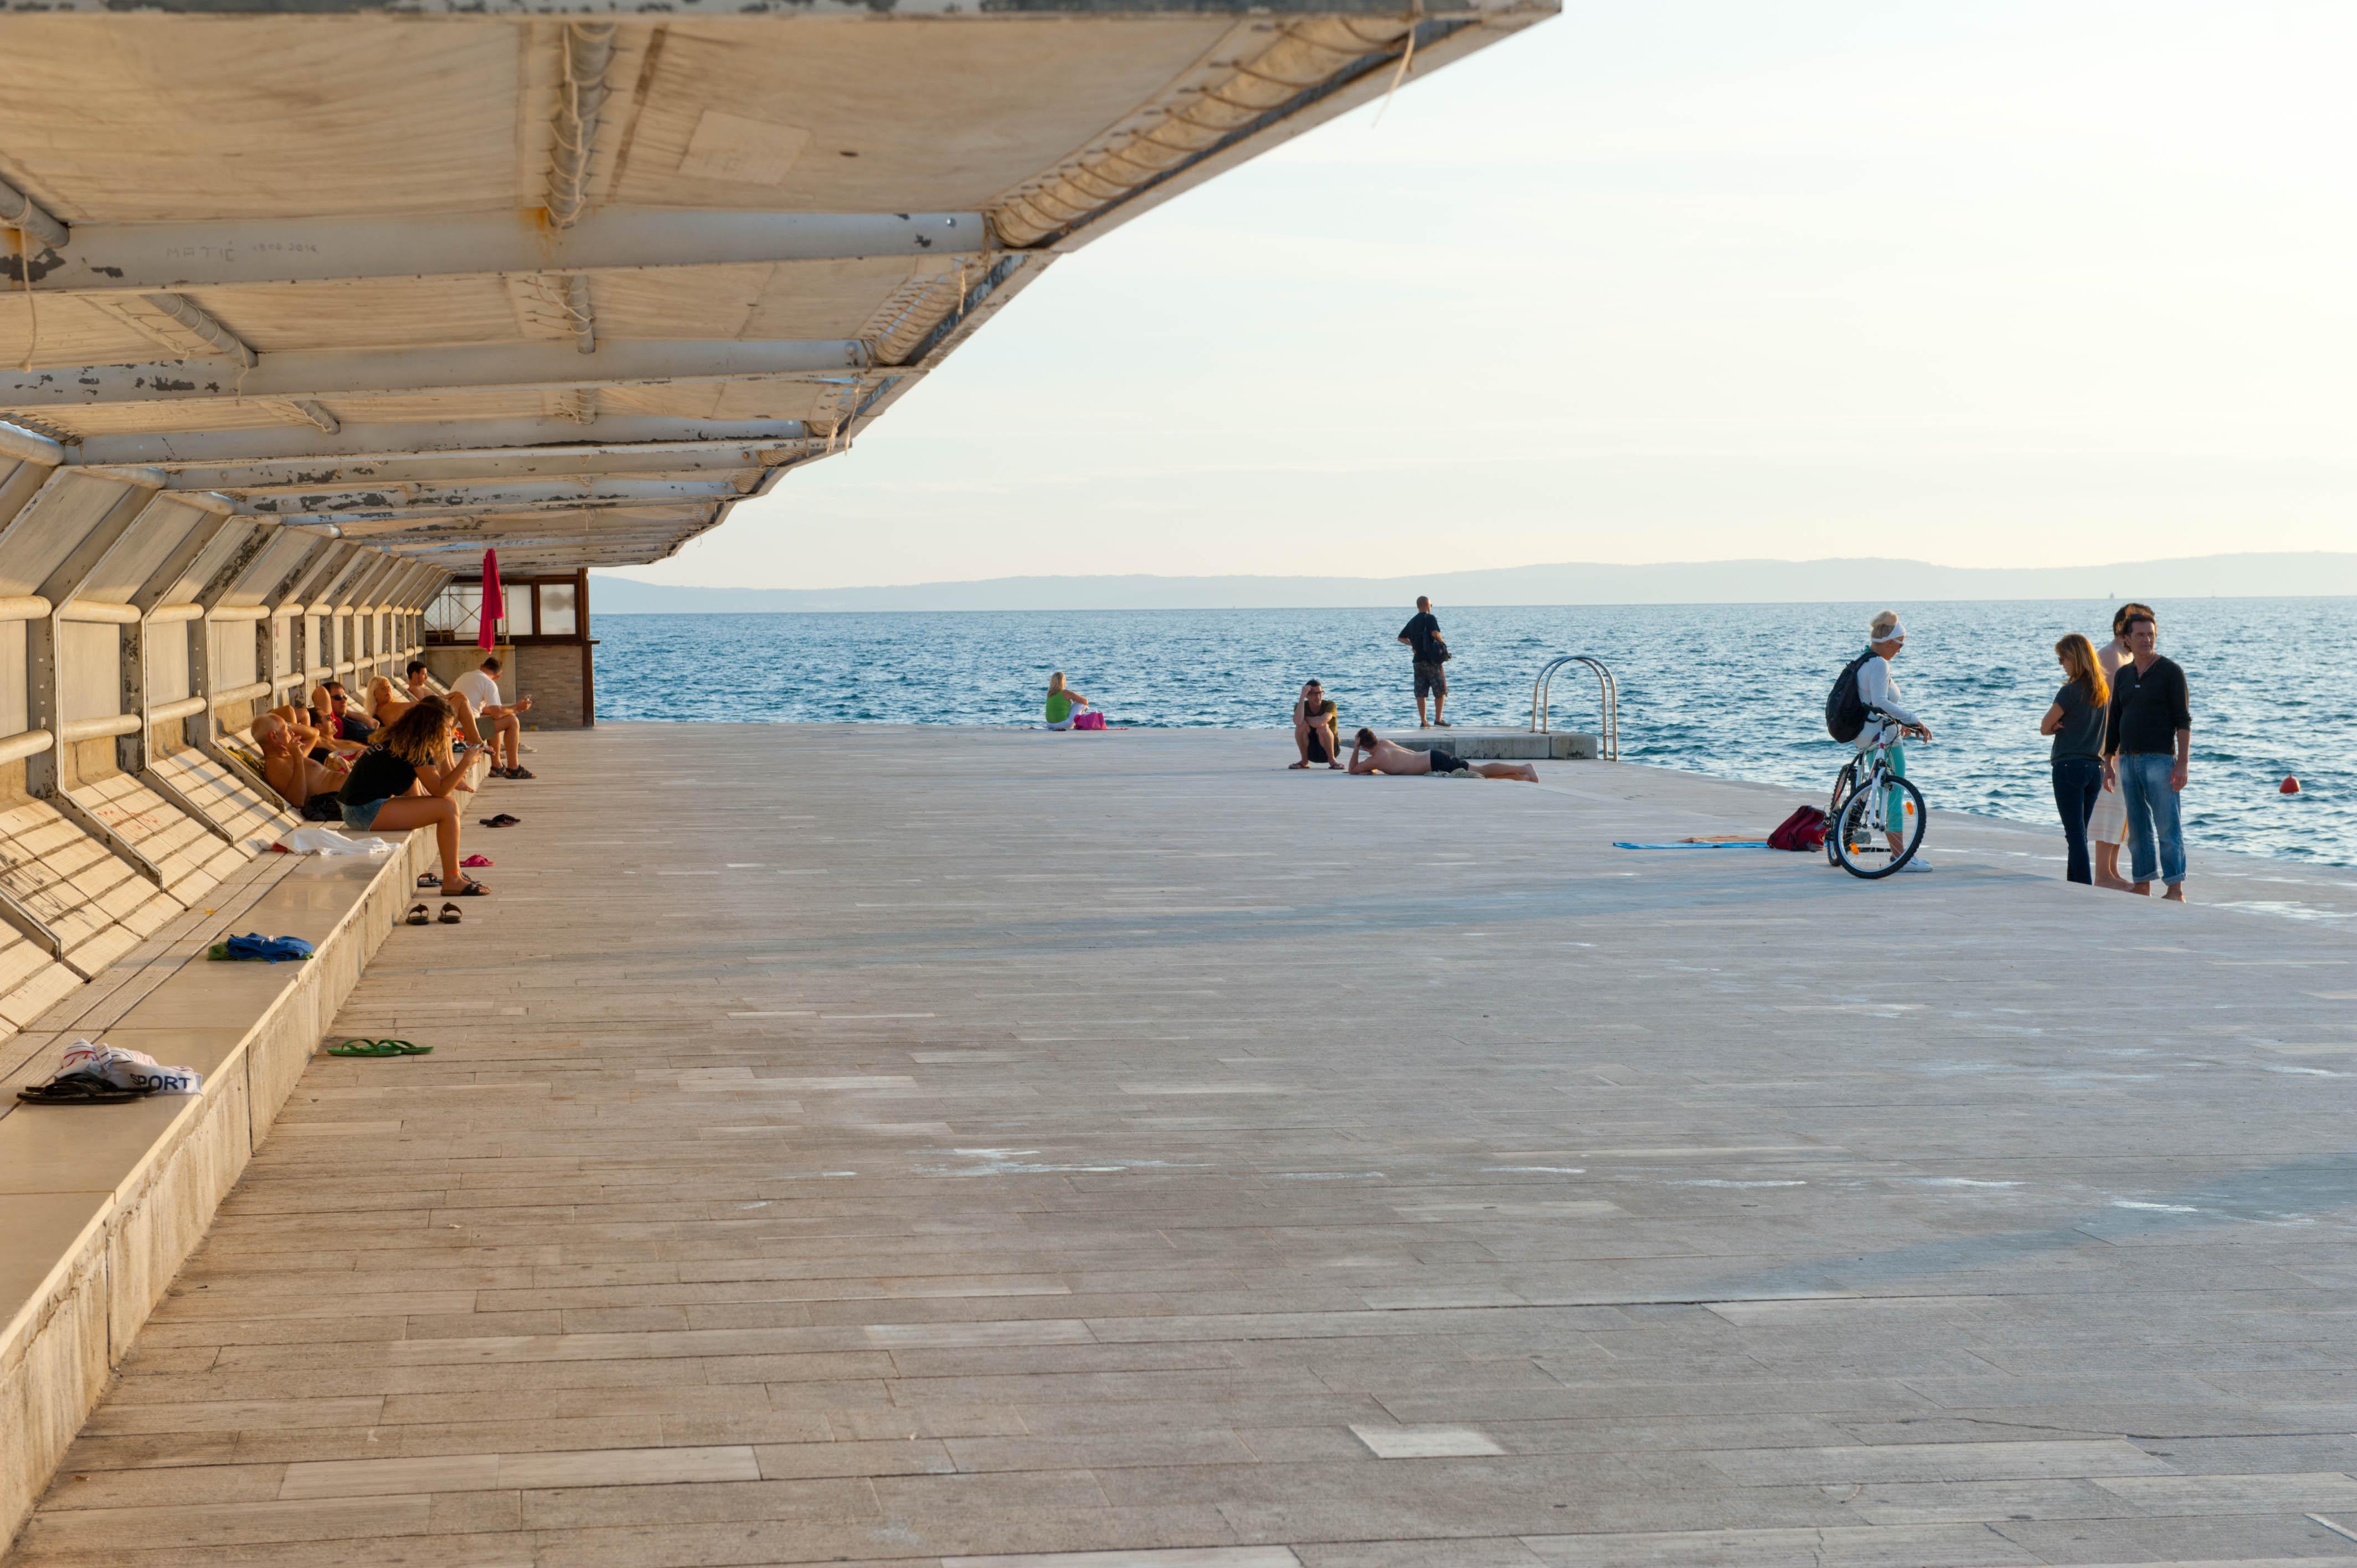 0309-Split - Jadran Balunjeri club house (Dalmatie centrale)